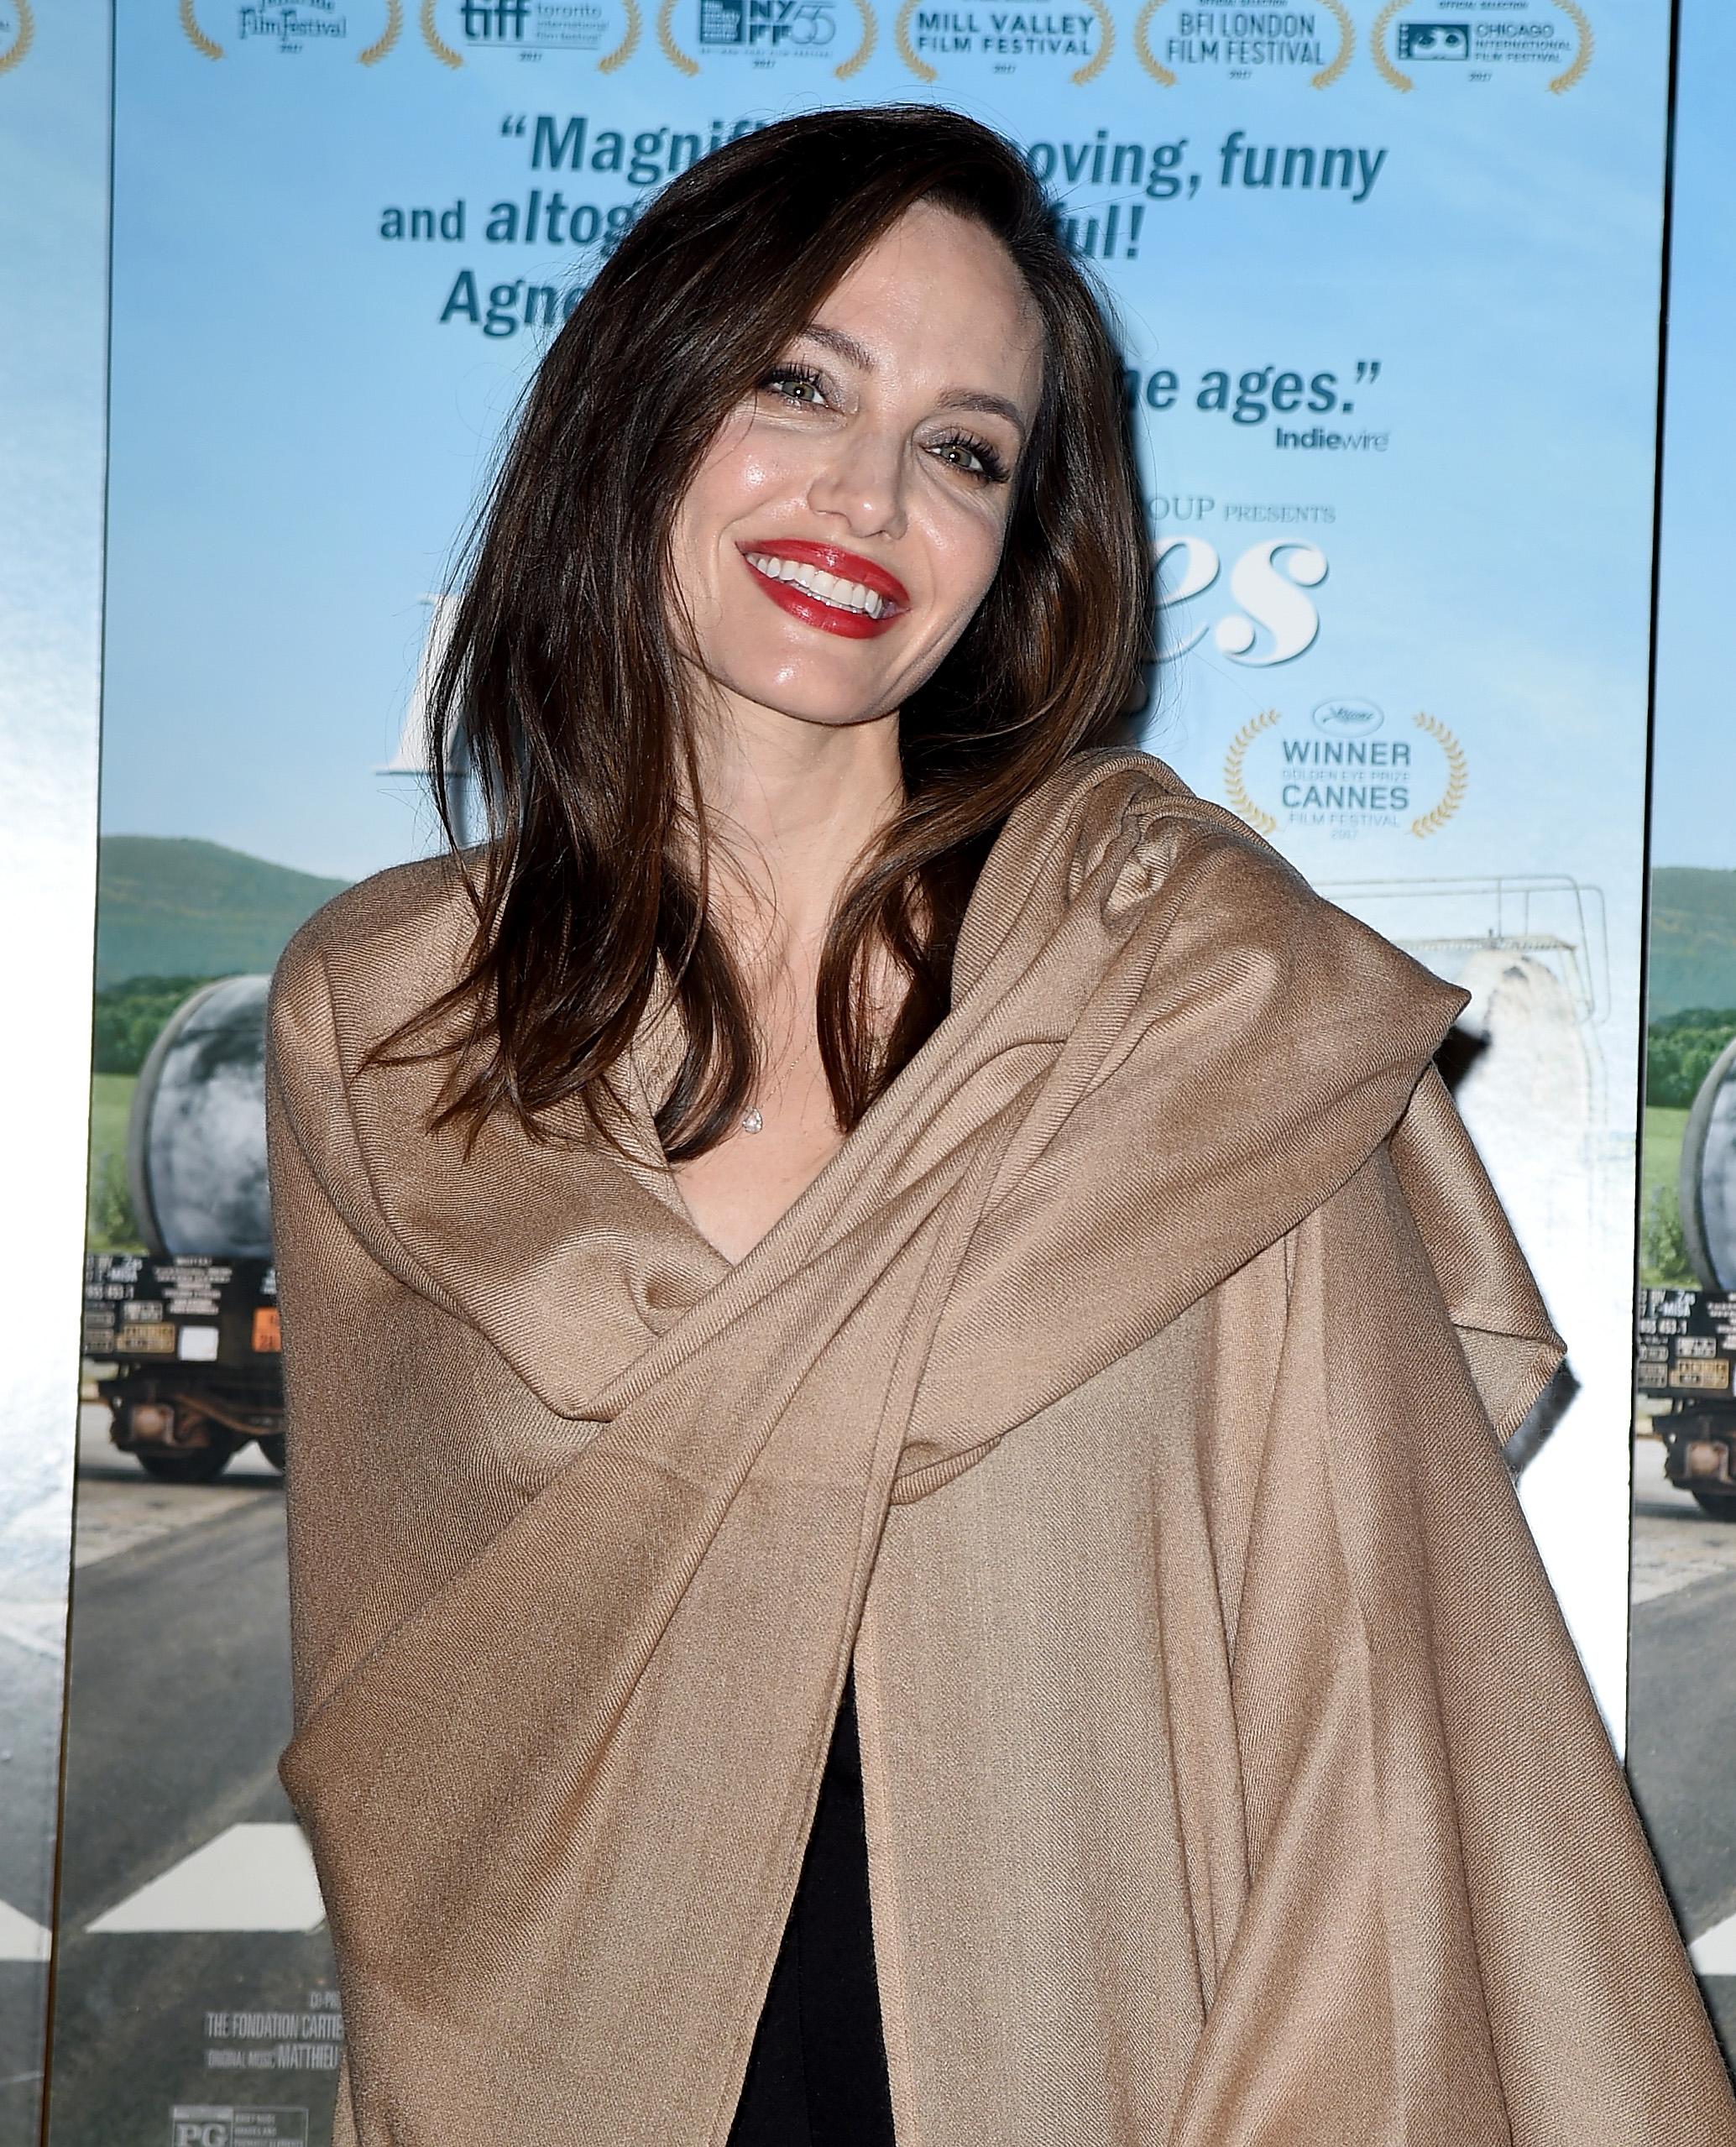 """Анджелина Джоли се появи с нова и освежена прическа на премиерата на документалния филмFaces Places.Модното списание""""Вог""""пише, че новата подкъсена прическа на Джоли е от онези, които с времето стават все по-добре.<br /> Леко начупена в краищата и с дължина малко под раменете, новата прическа подхожда идеално на цялостната визия на актрисата."""